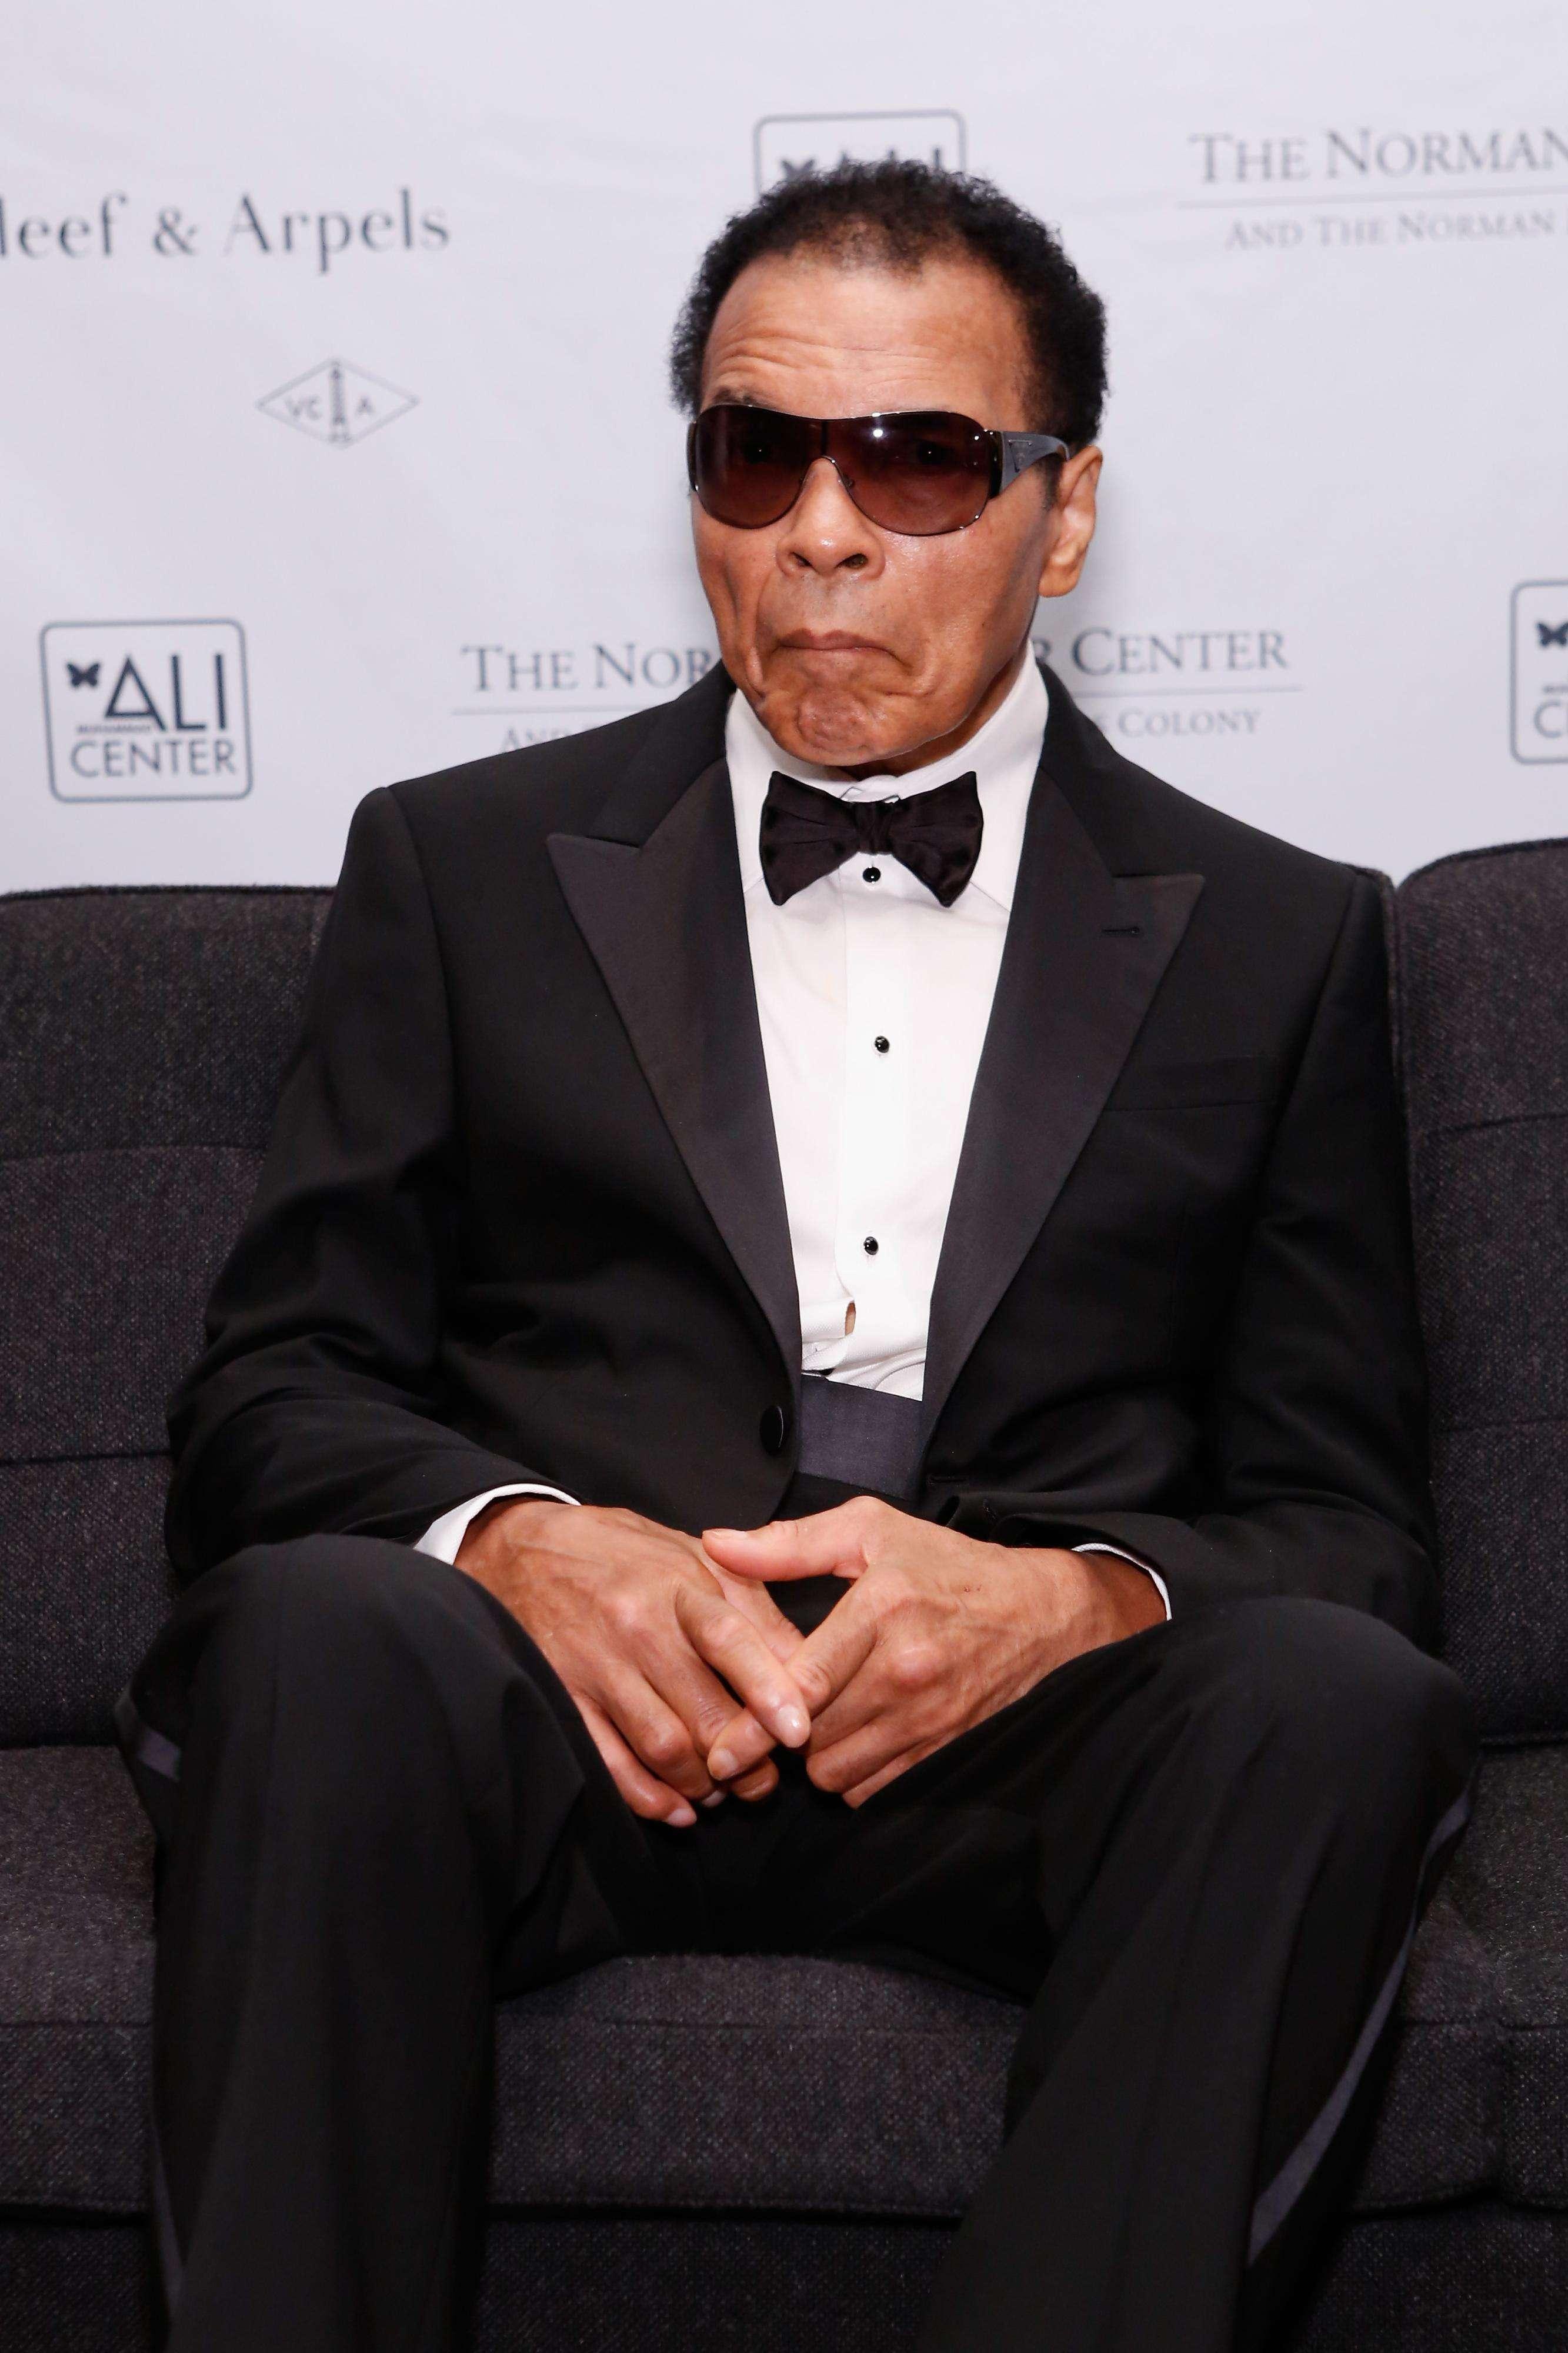 Muhammad Ali muestra una mejoría considerable tras su hospitalización Foto: Gettyimages